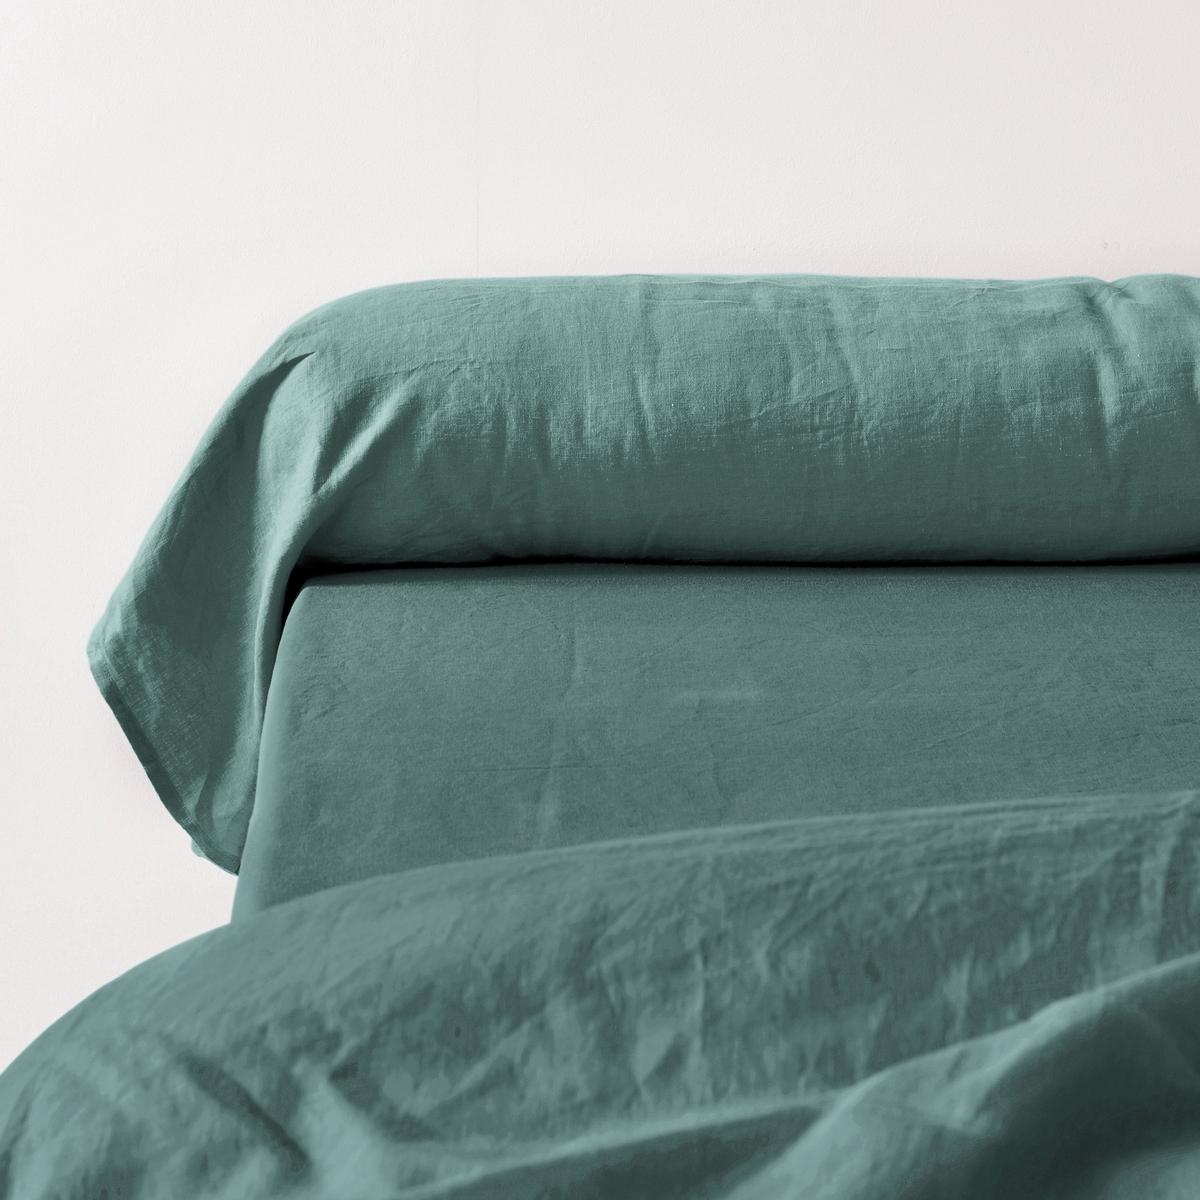 Наволочки однотонные из 100% осветленного льнаКвадратная и прямоугольная наволочки (плоский волан 2 см) и наволочка на подушку-валик. Качество BEST, из 100% осветленного льна с жатым эффектом. Какое удовольствие спать на постельном белье из натурального льна ! Идеально подходит для холодной зимы !Квадратная и прямоугольная наволочки (плоский волан 2 см) и наволочка на подушку-валик. Качество BEST, из 100% осветленного льна с жатым эффектом . Какое удовольствие спать на постельном белье из натурального льна ! Идеально подходит для холодной зимы !Яркая палитра цветов позволяет создавать комплекты по Вашему вкусу. Ткань не перестанет радовать Вас своим внешним видом после нескольких стирок ! Отлично сочетается с цветочным рисунком.- Стирка при 60°С.   Производство осуществляется с учетом стандартов по защите окружающей среды и здоровья человека, что подтверждено сертификатом Oeko-tex®.Соотношения размеров наволочки и чехла на подушку-валик   :50 x 70 см : прямоугольная наволочка63 x 63 см : квадратная наволочка85 x 185   : наволочка на подушку-валикВся коллекция постельного белья BEST LIN LAV? на нашем сайте<br><br>Цвет: светло-синий,синий морской,терракота,фиолетовый<br>Размер: 50 x 70  см.85 x 185 см.50 x 70  см